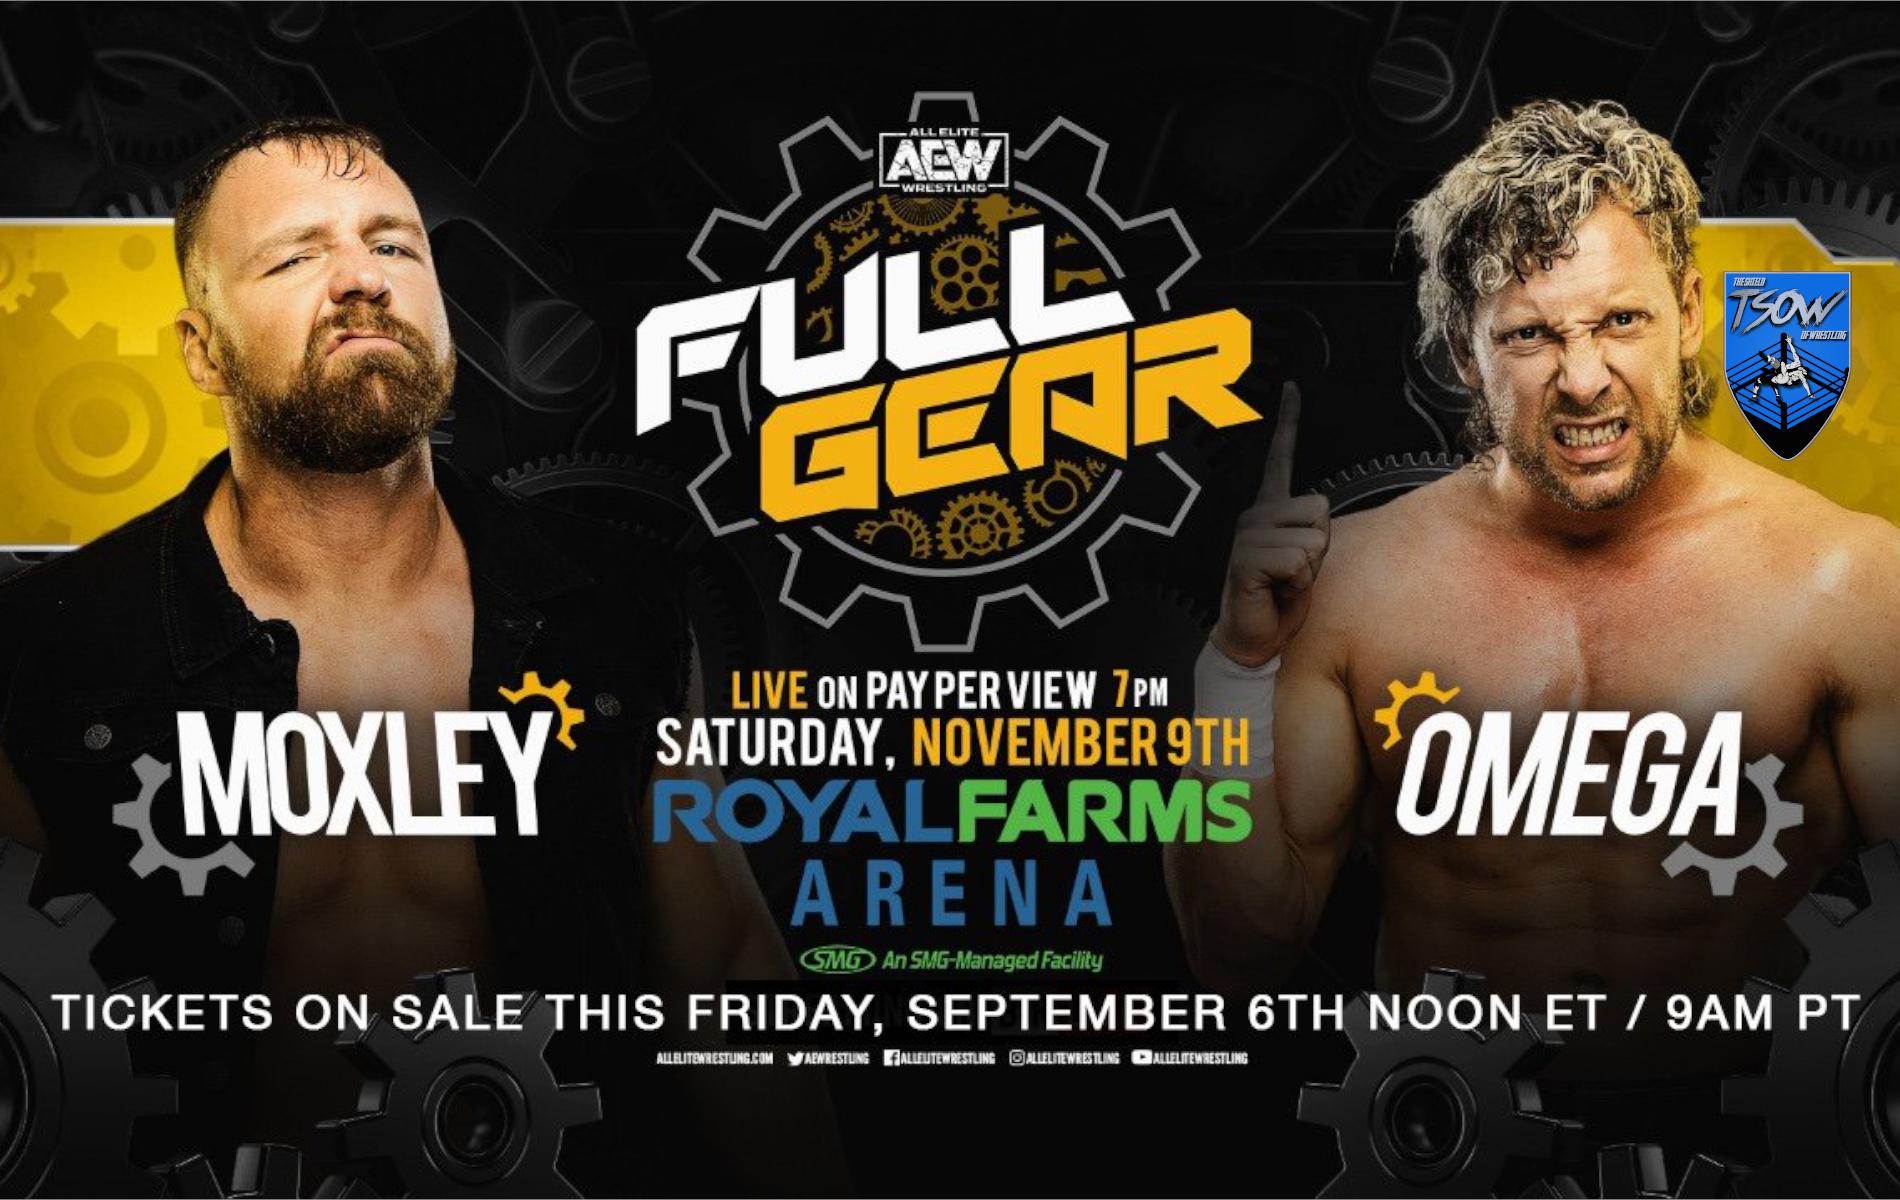 Annunciato il match tra Jon Moxley e Kenny Omega